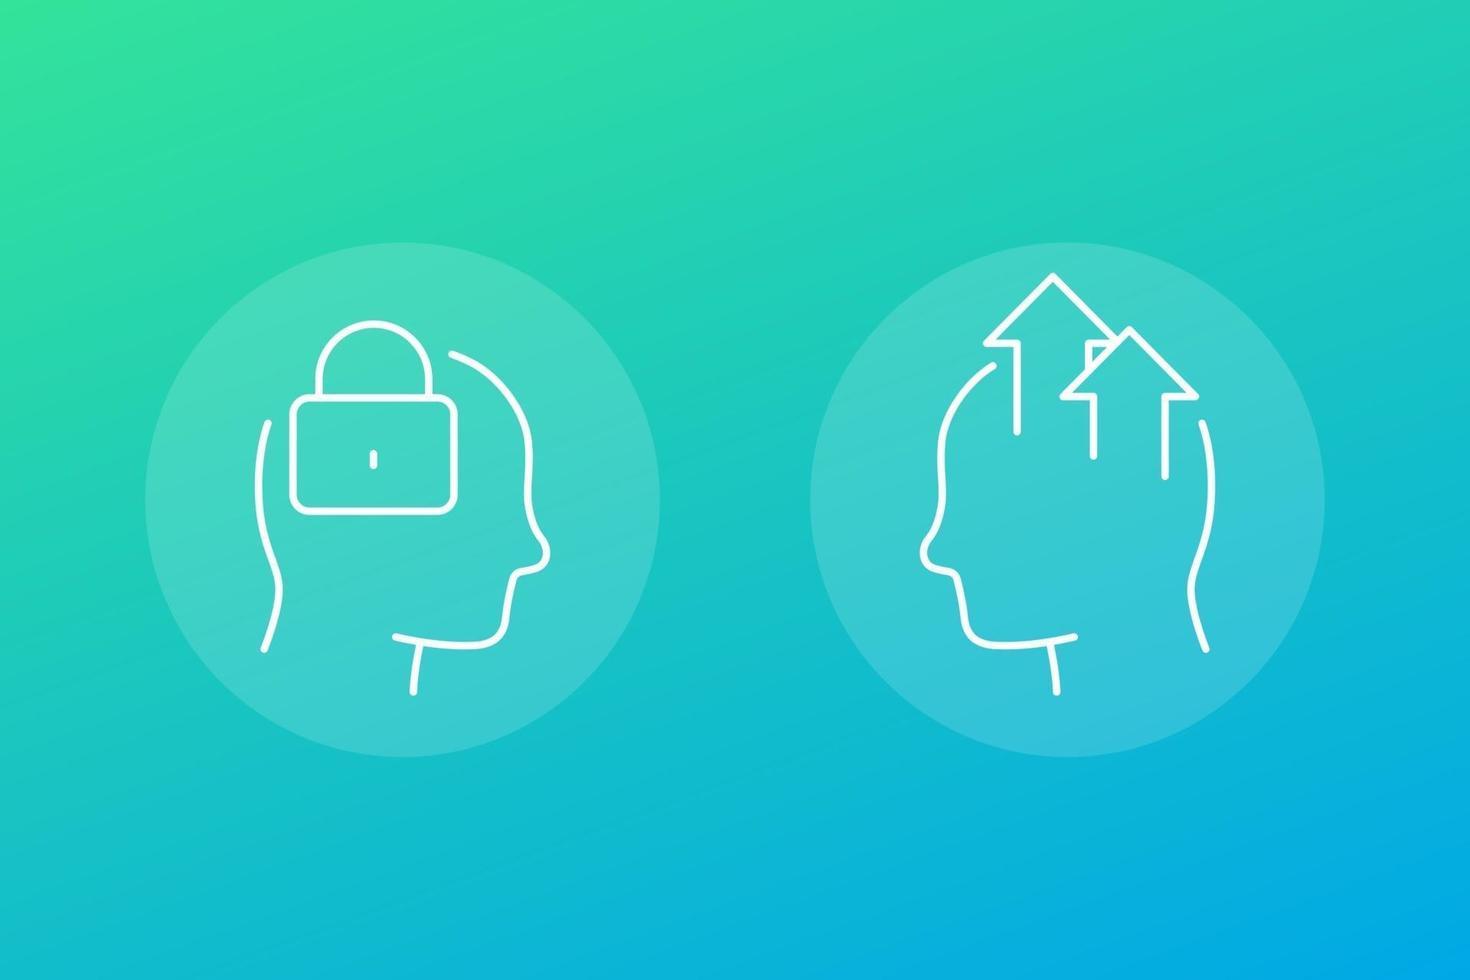 ícones de mentalidade fixa e de crescimento, vector.eps linear vetor